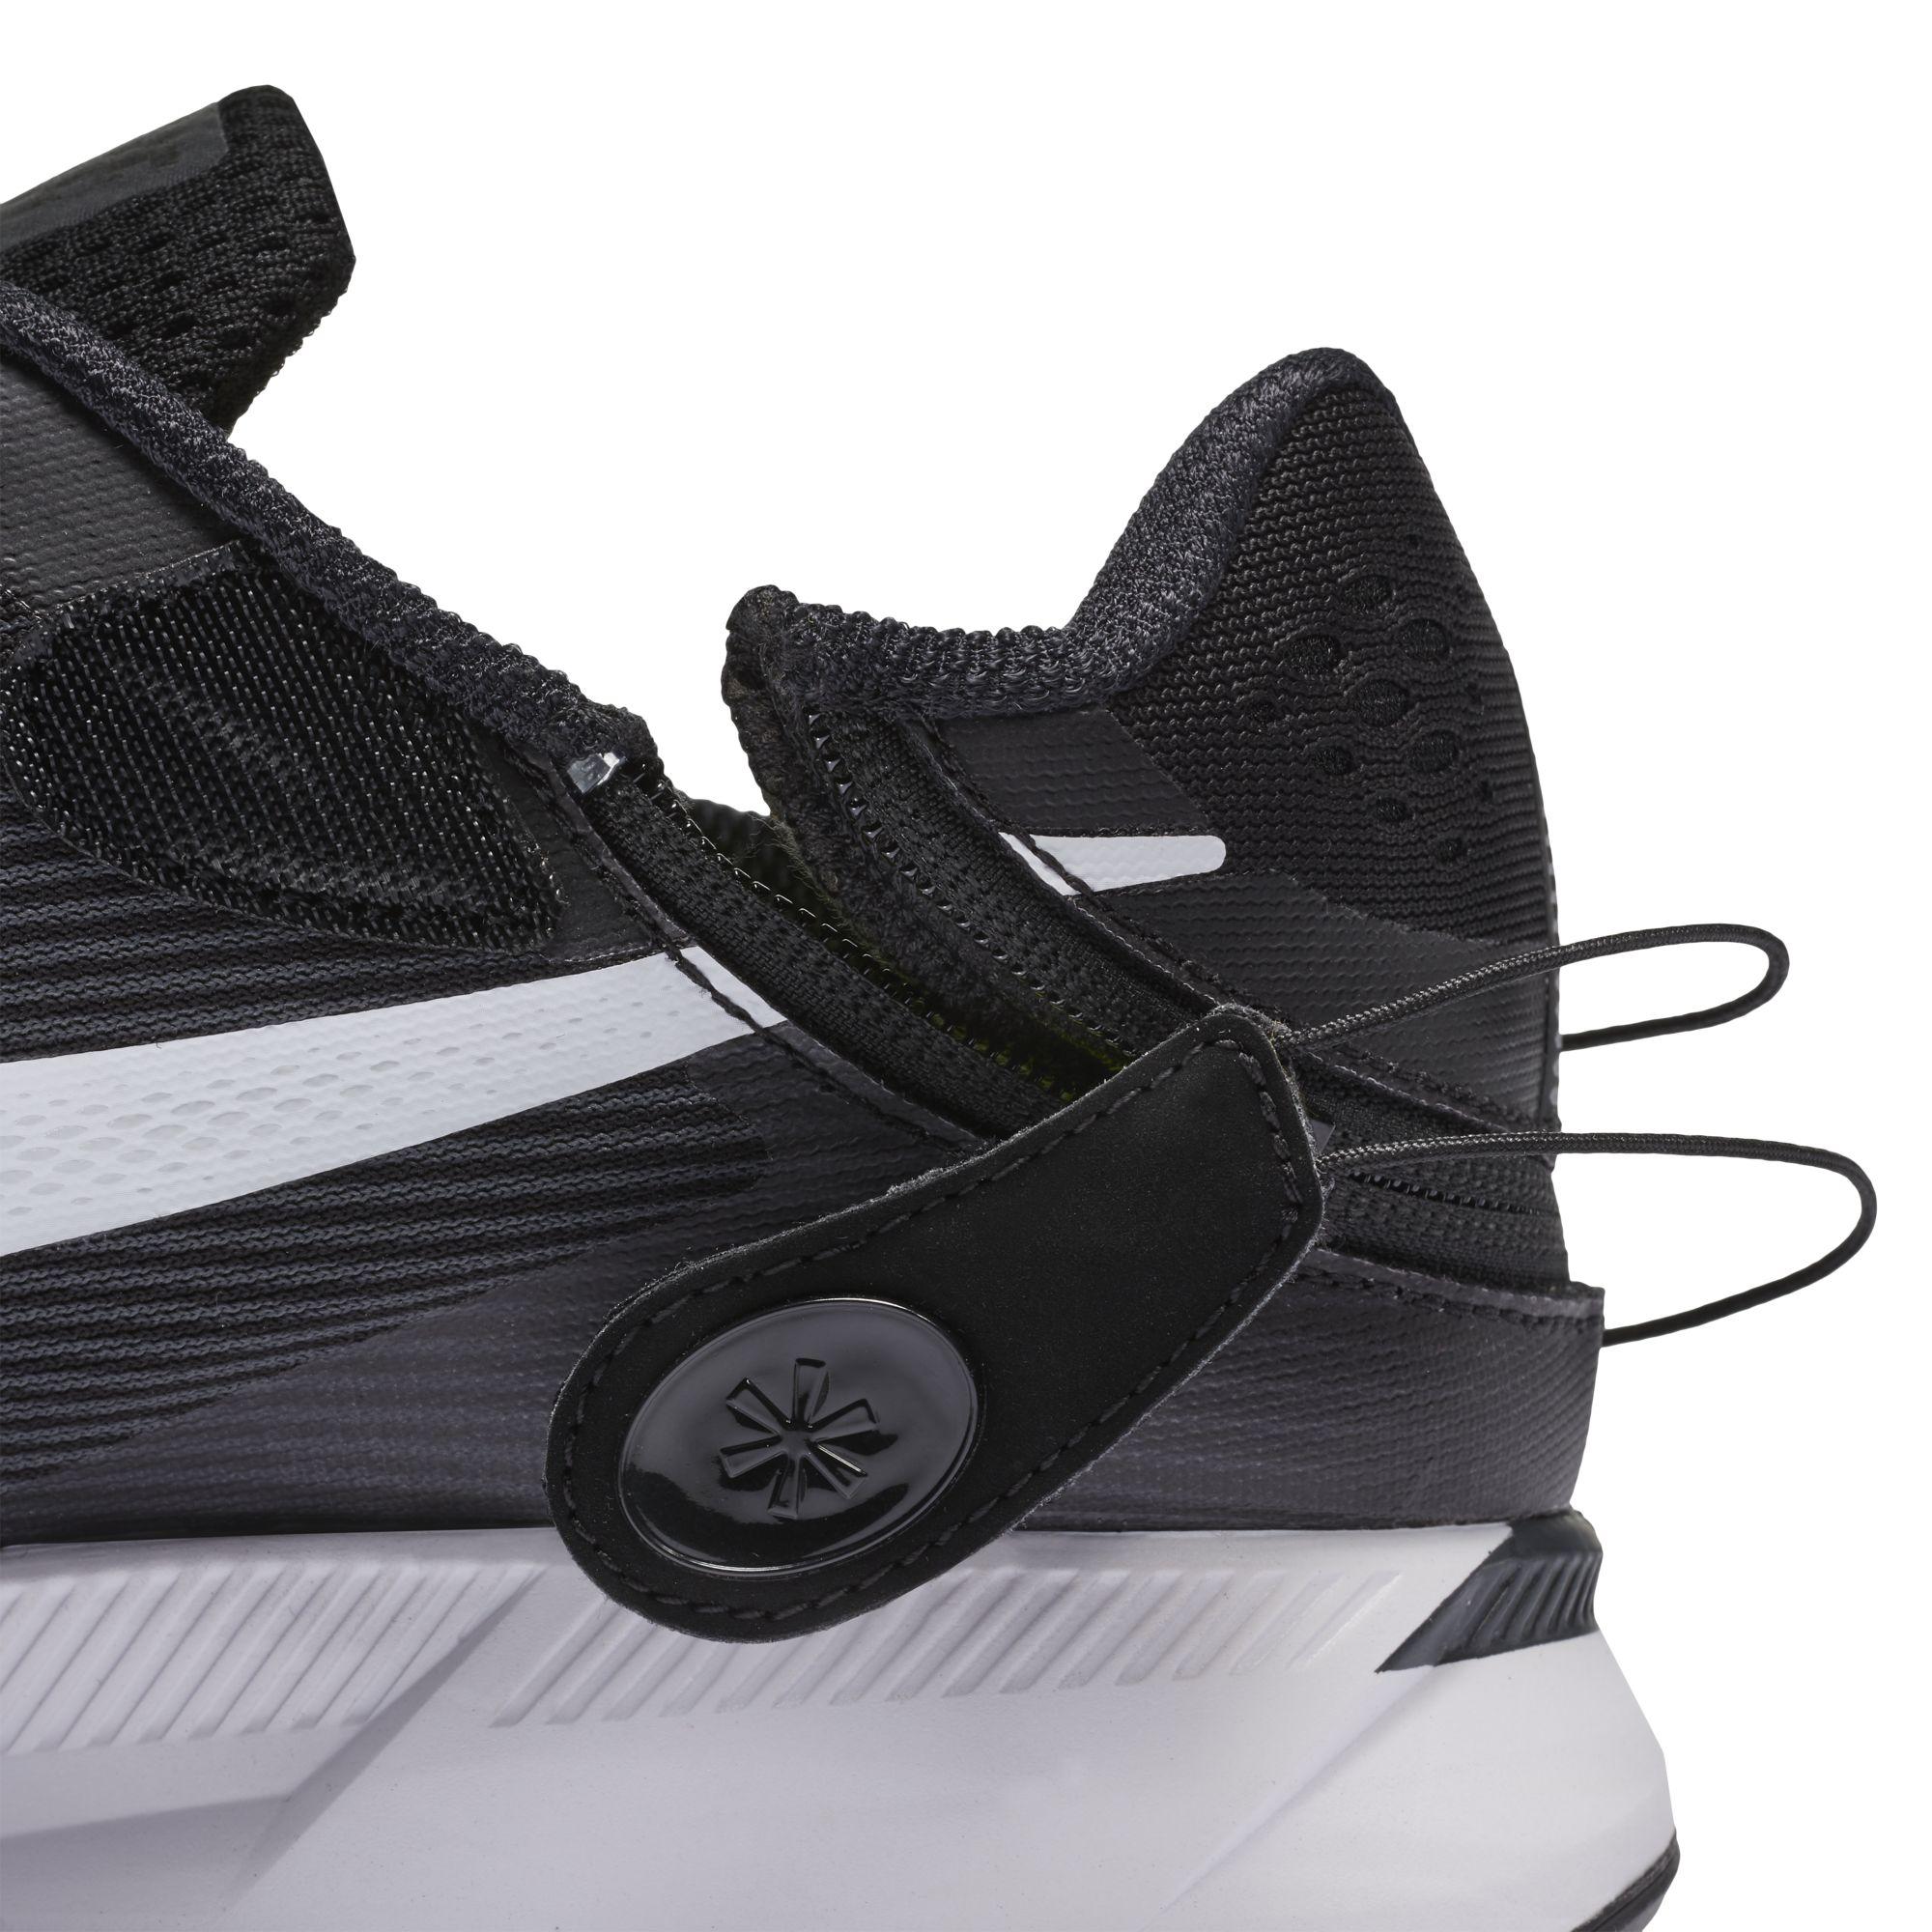 33fc8c58469b Nike Air Zoom Pegasus 34 Flyease 4 - WearTesters